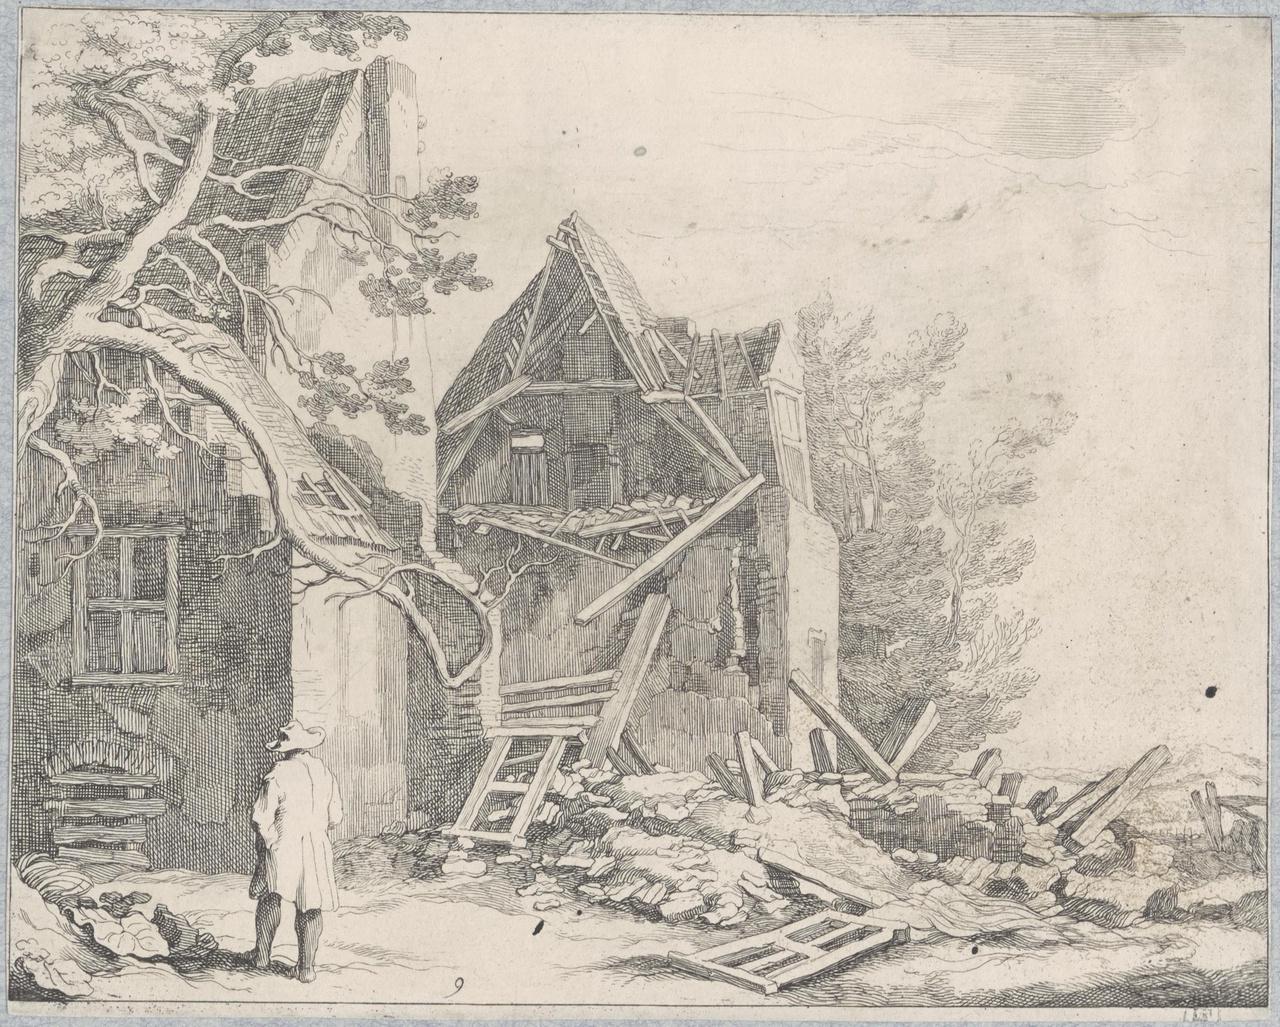 Groep van enkele huizen met de puinhopen van een instorting